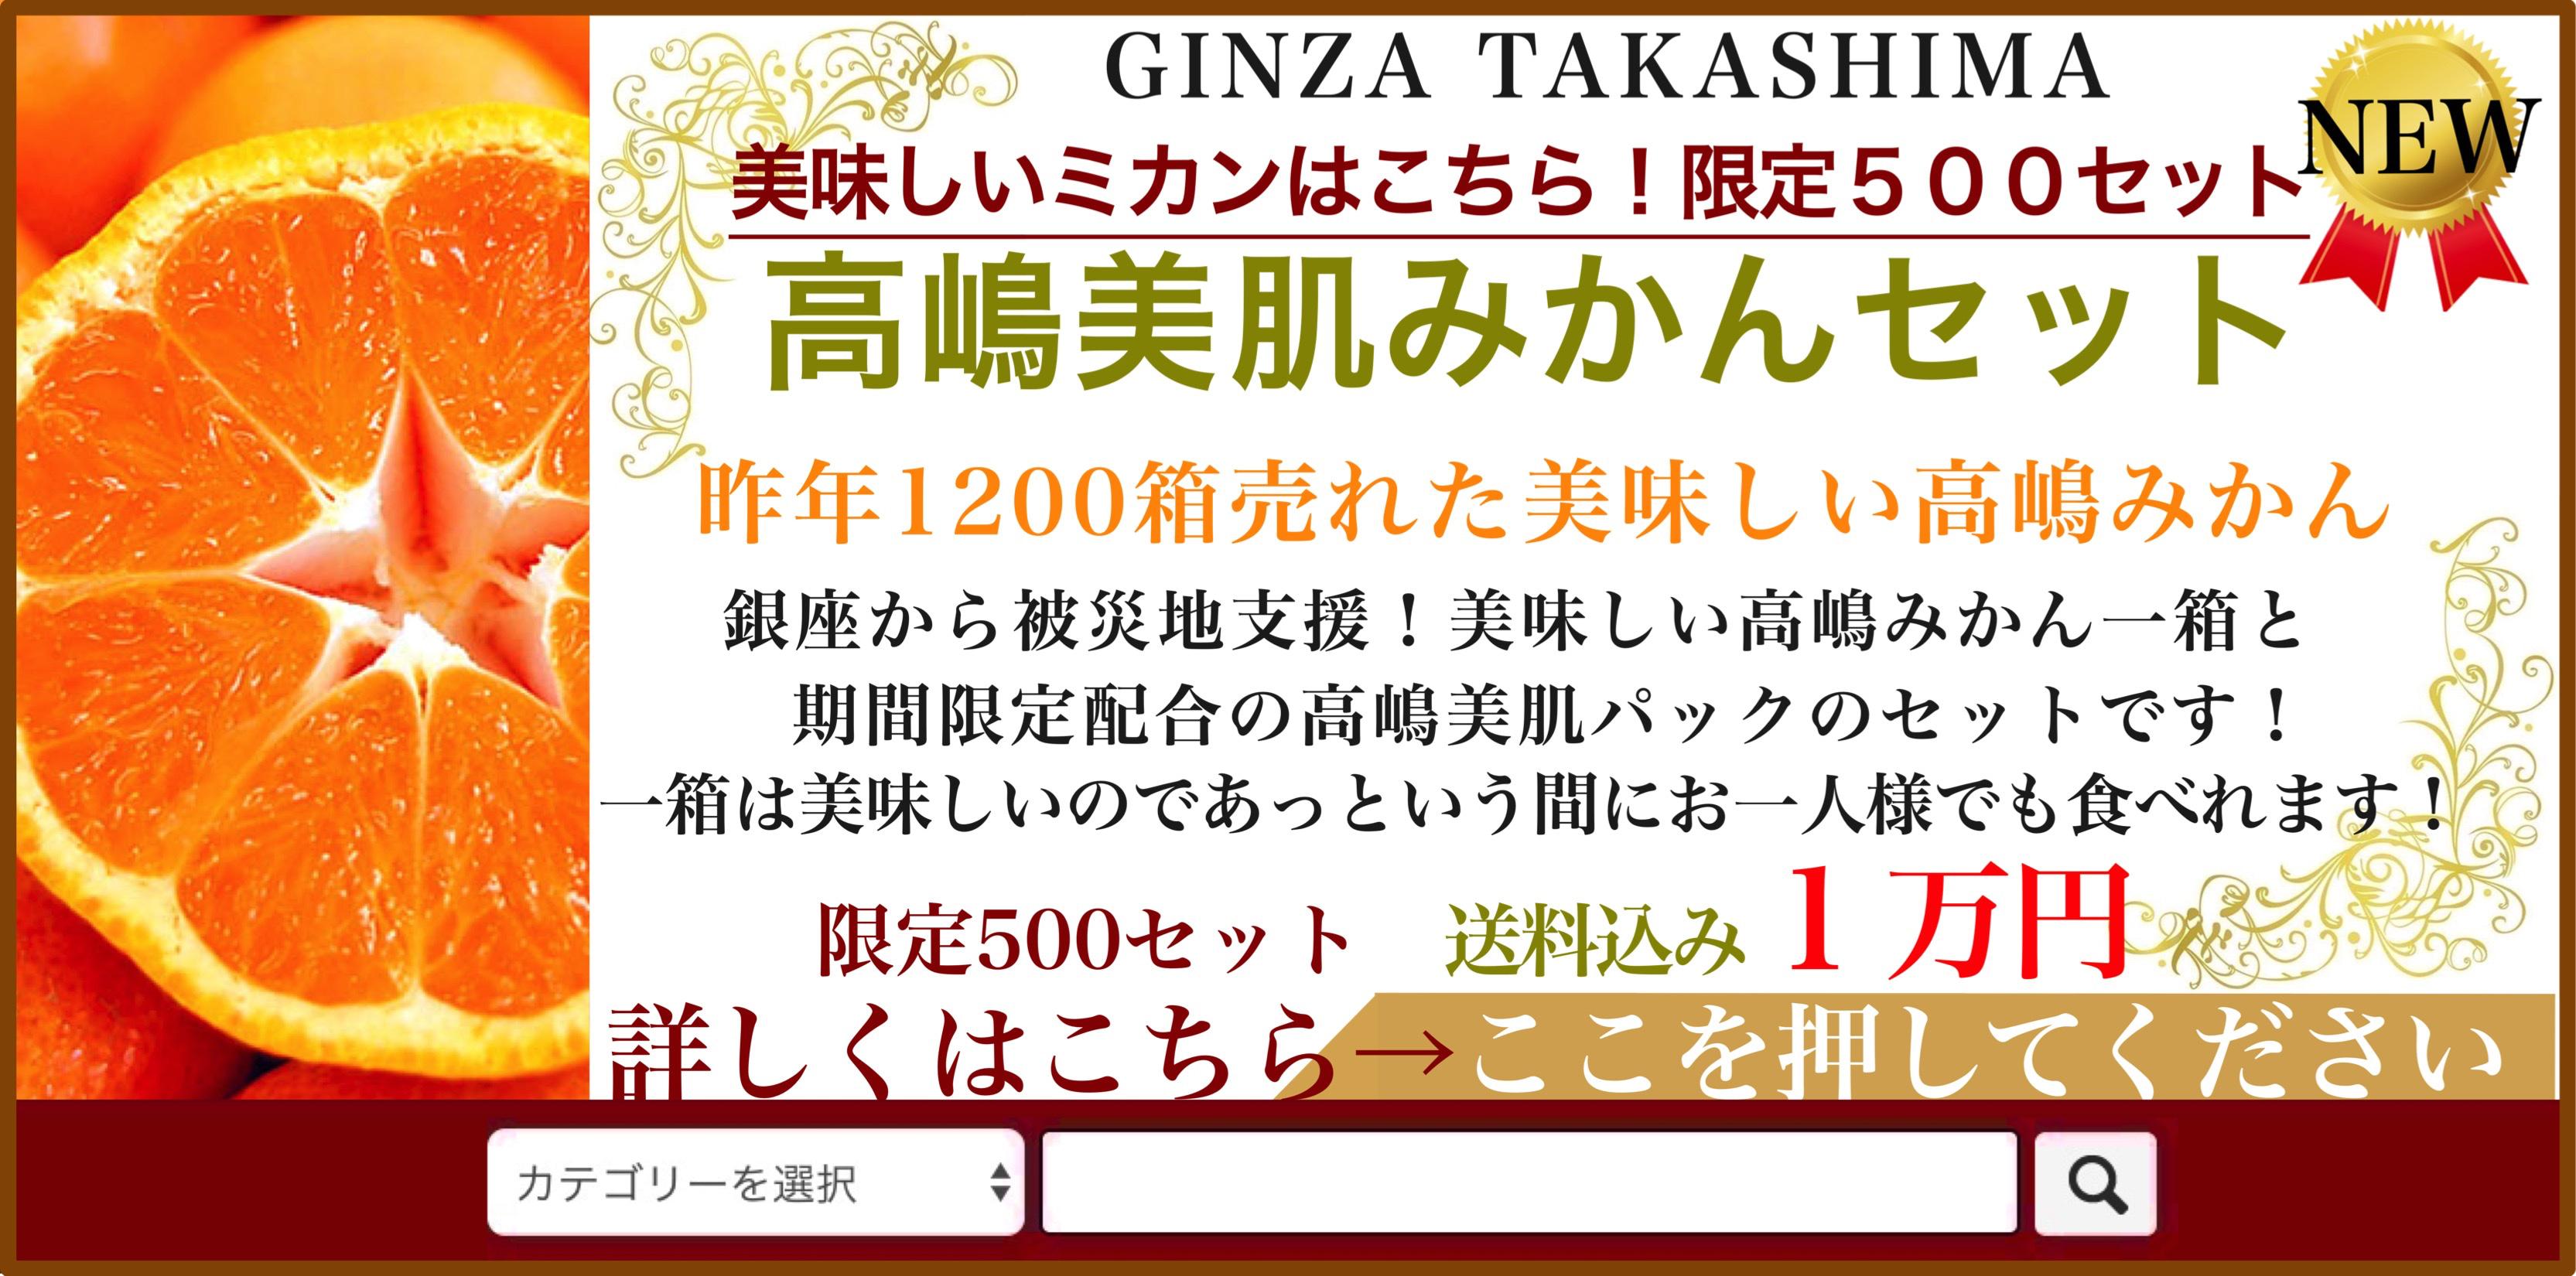 高嶋ブログショッピング! 昨年1200箱売れた高嶋みかん 銀座りえ子ママの美肌で金運アップップ〜